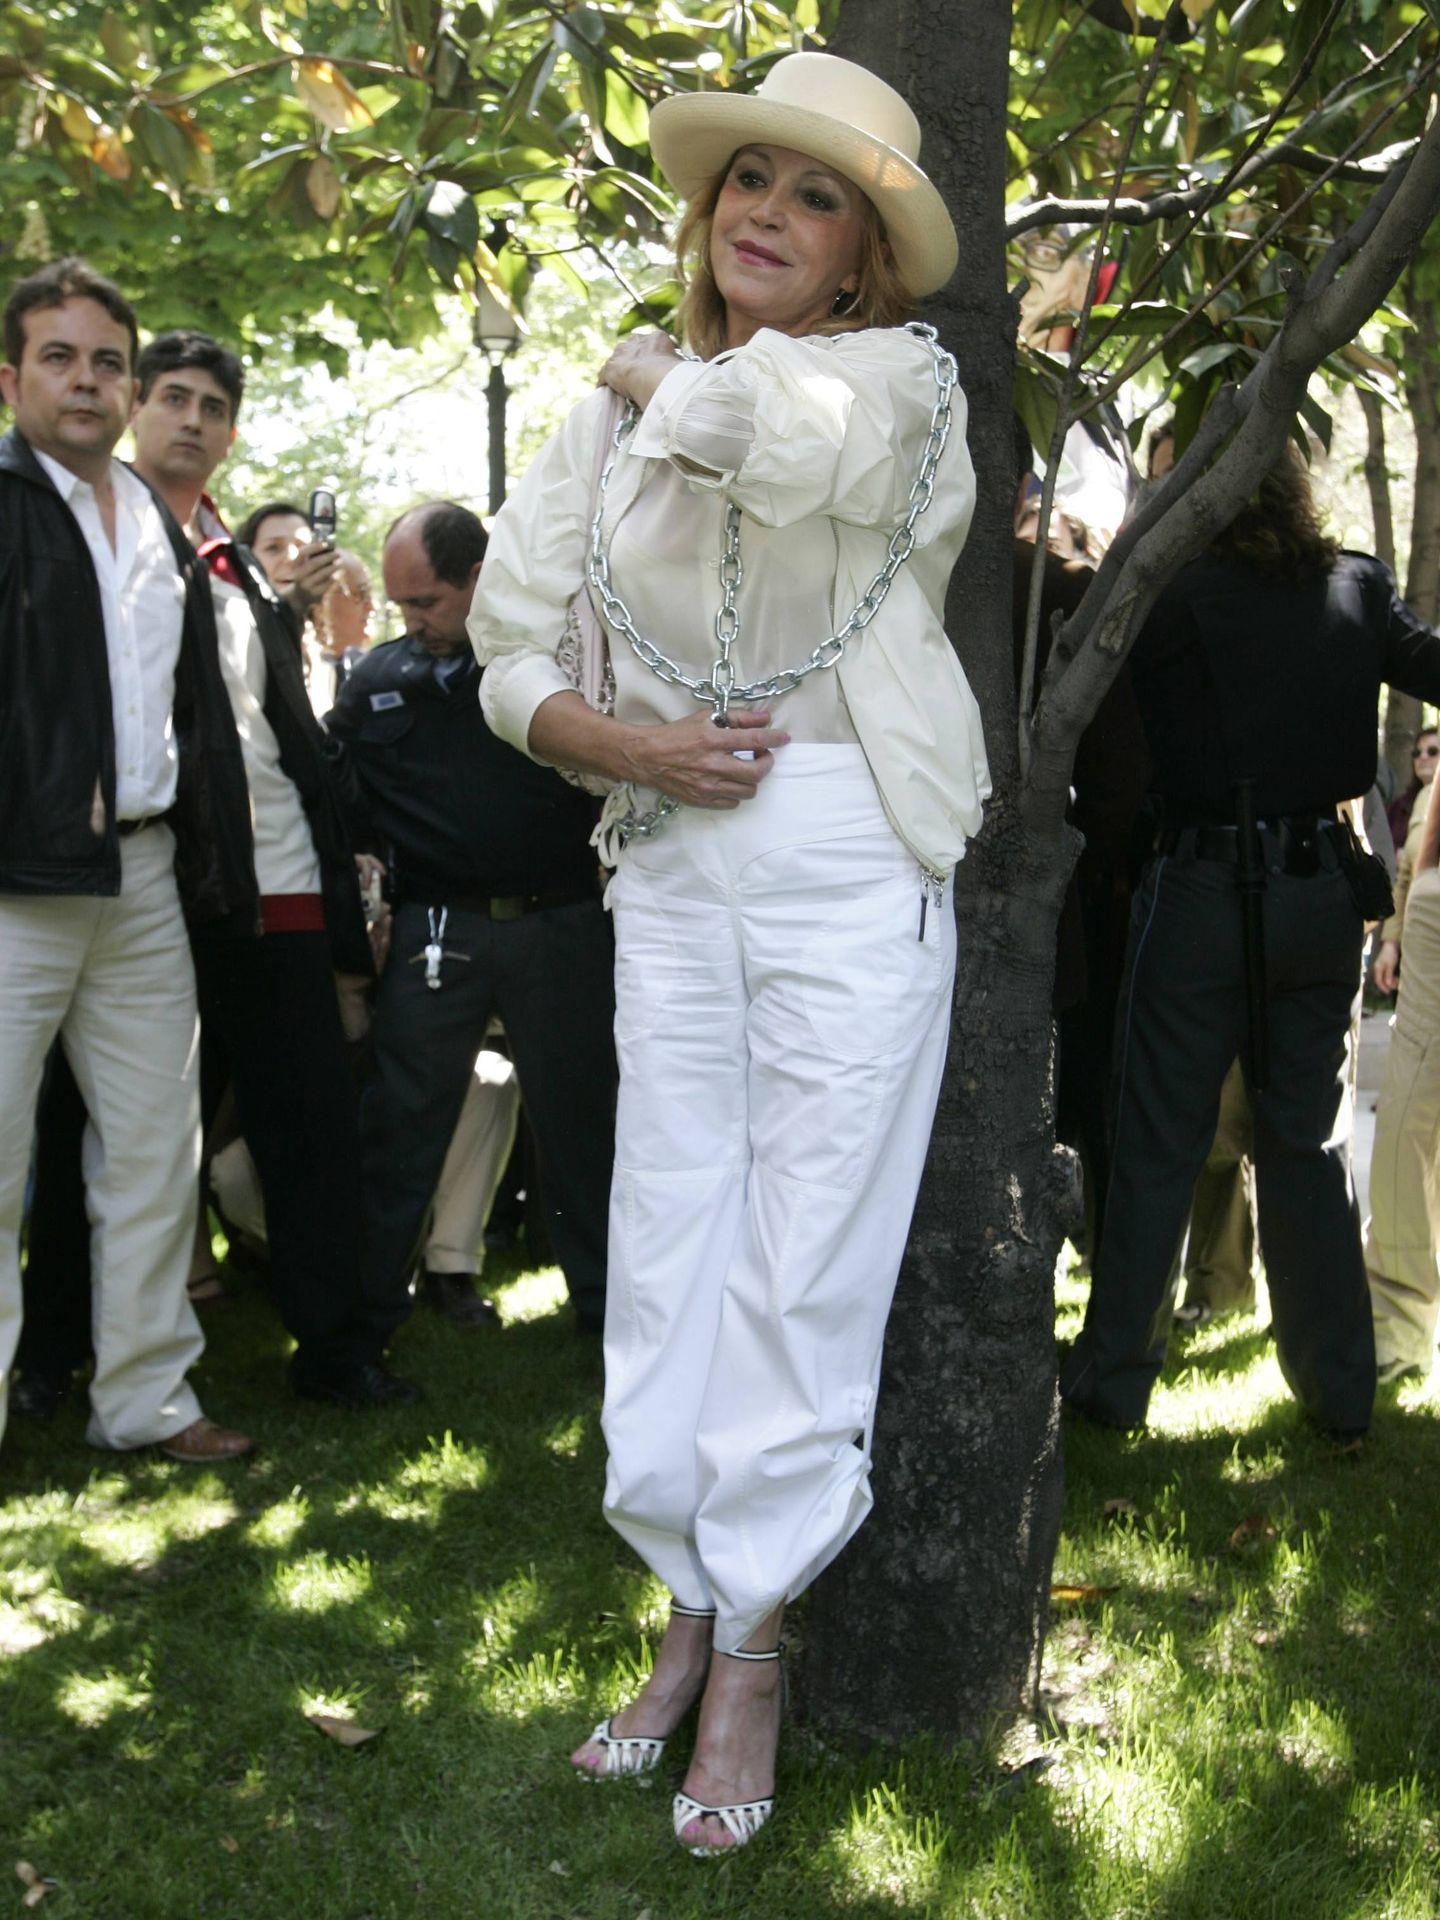 Carmen Cervera se manifiesta encadenándose contra la tala de árboles del paseo del Prado, 6 de mayo de 2007. (Archivo fotográfico ABC/ Chema Barroso)